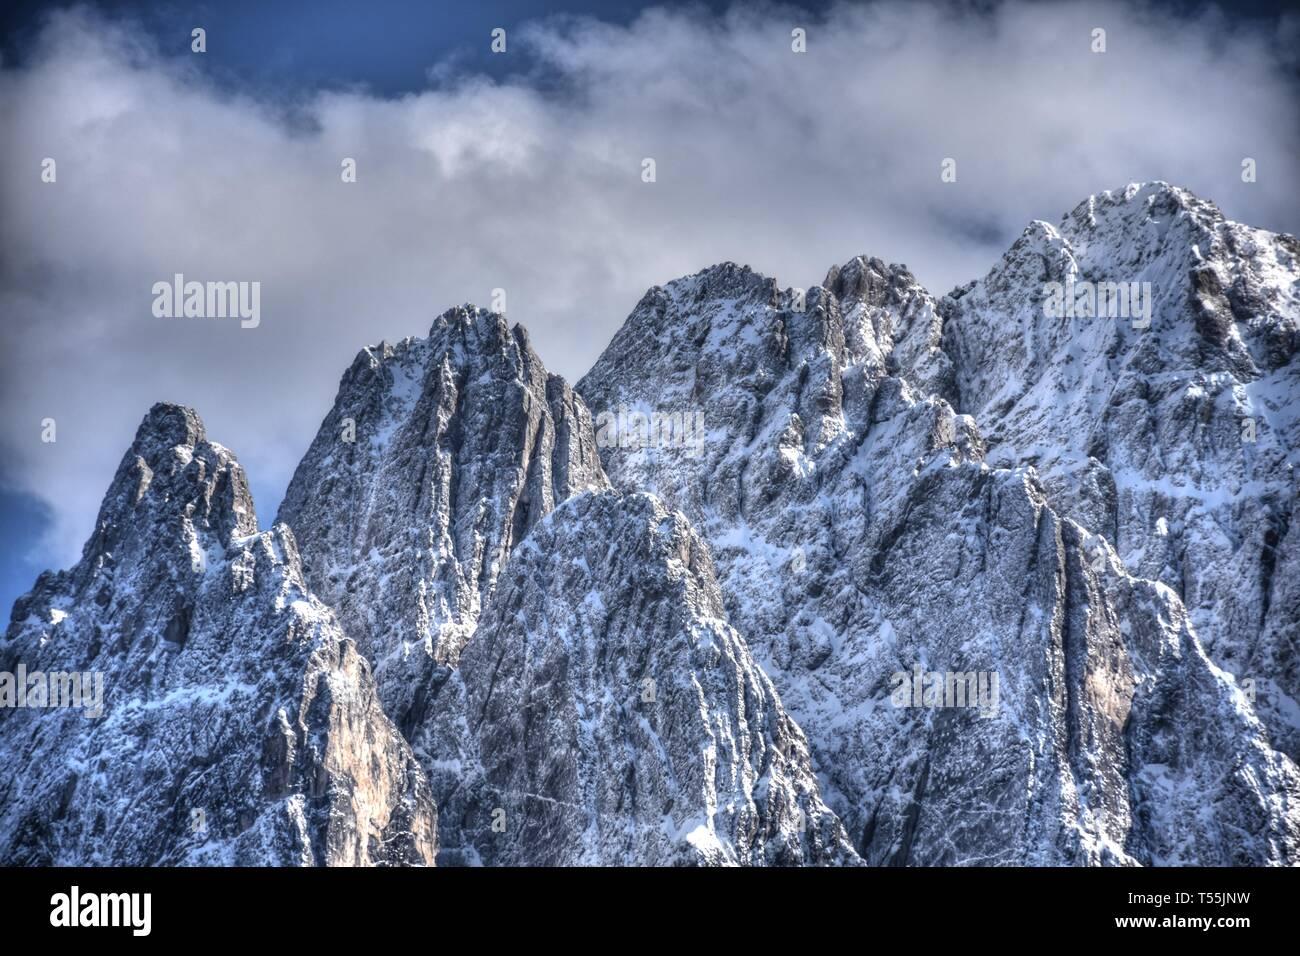 Osttirol, Lienzer Dolomiten, Winter, Frühling, Lienz, Pustertaler Höhenstraße, Steil, Schnee, Wolken, Wolkenstimmung, Fels, schroff, Gipfel, Bannberg, - Stock Image